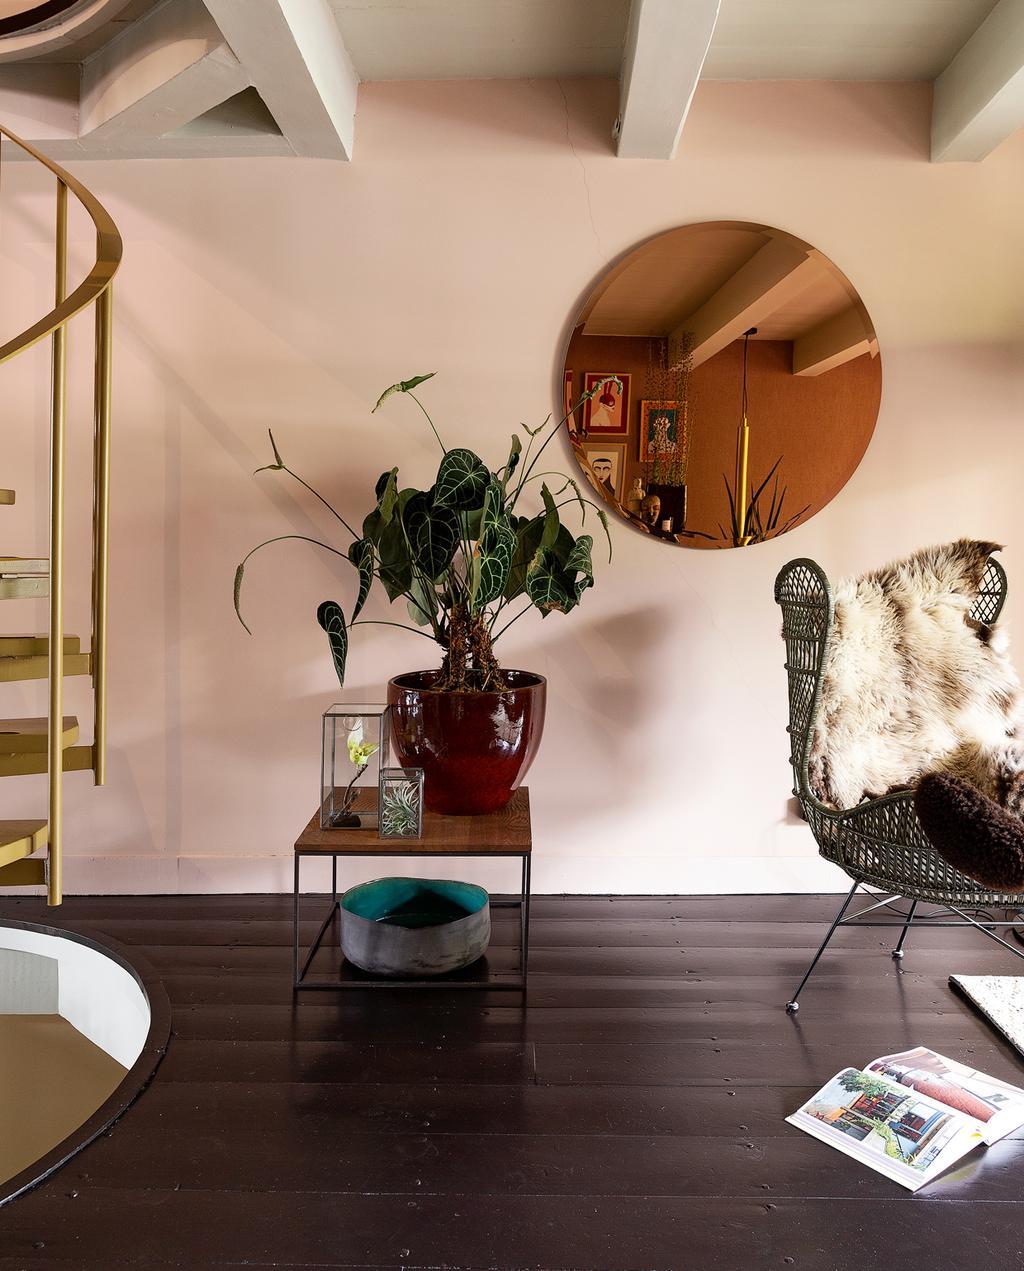 vtwonen 1-2020 | Binnenkijker in een grachtenpand in Delft zithoek